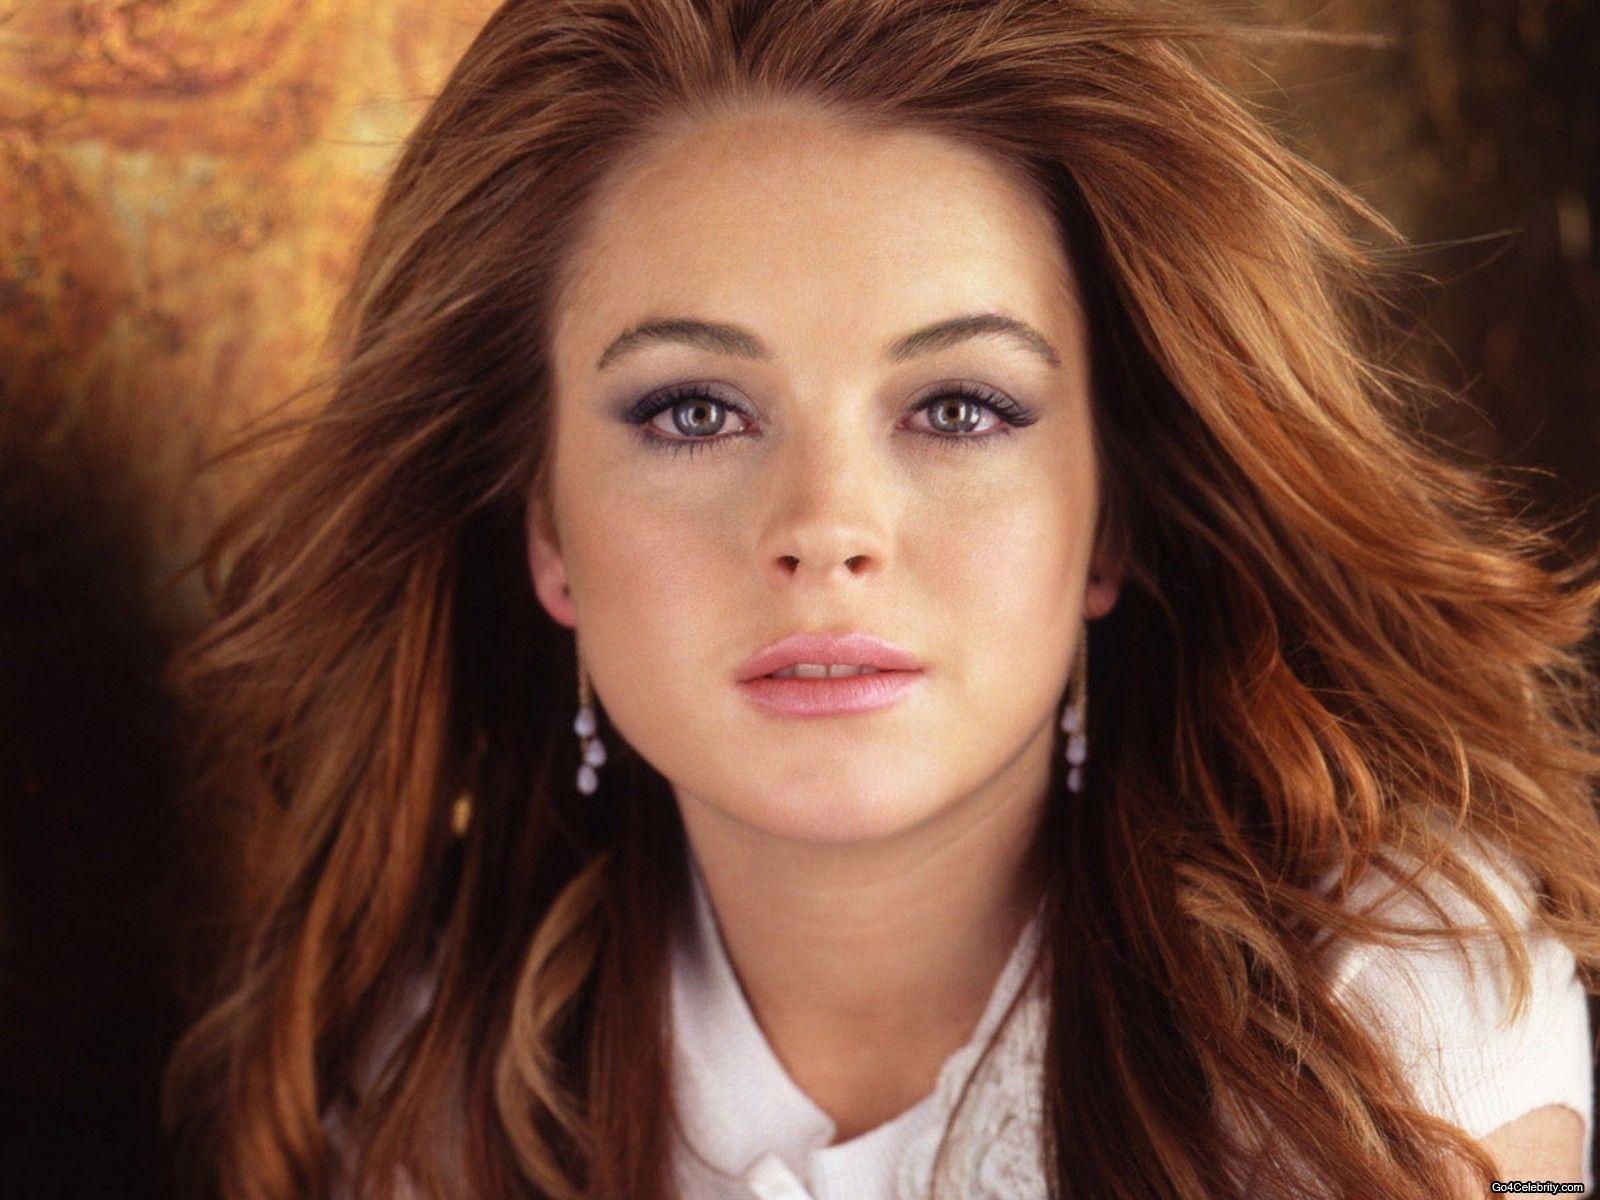 Lindsay lohan cute face stills